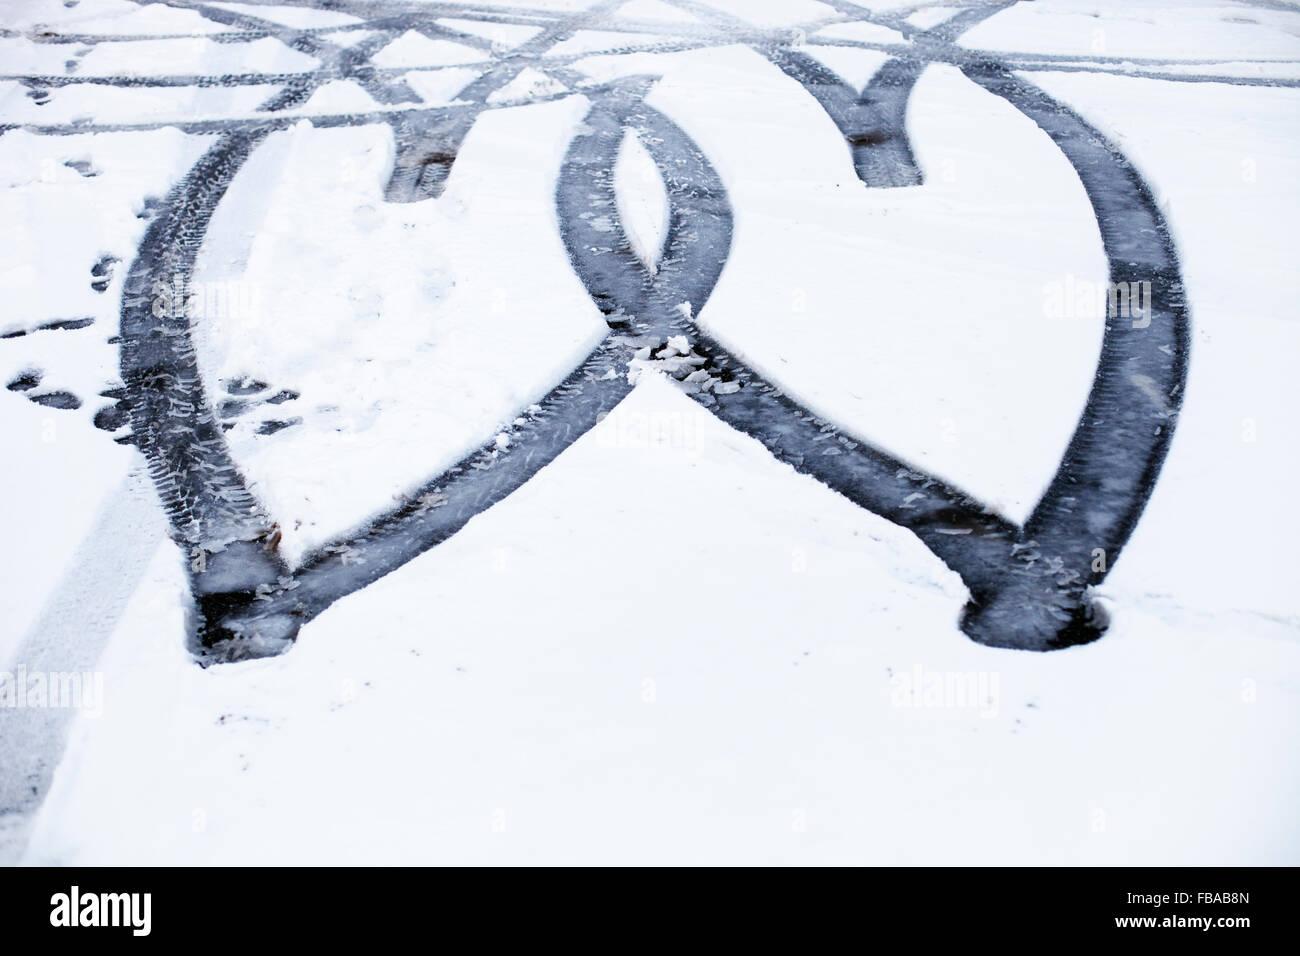 La Finlande, Uusimaa, trace de pneu dans la neige Photo Stock